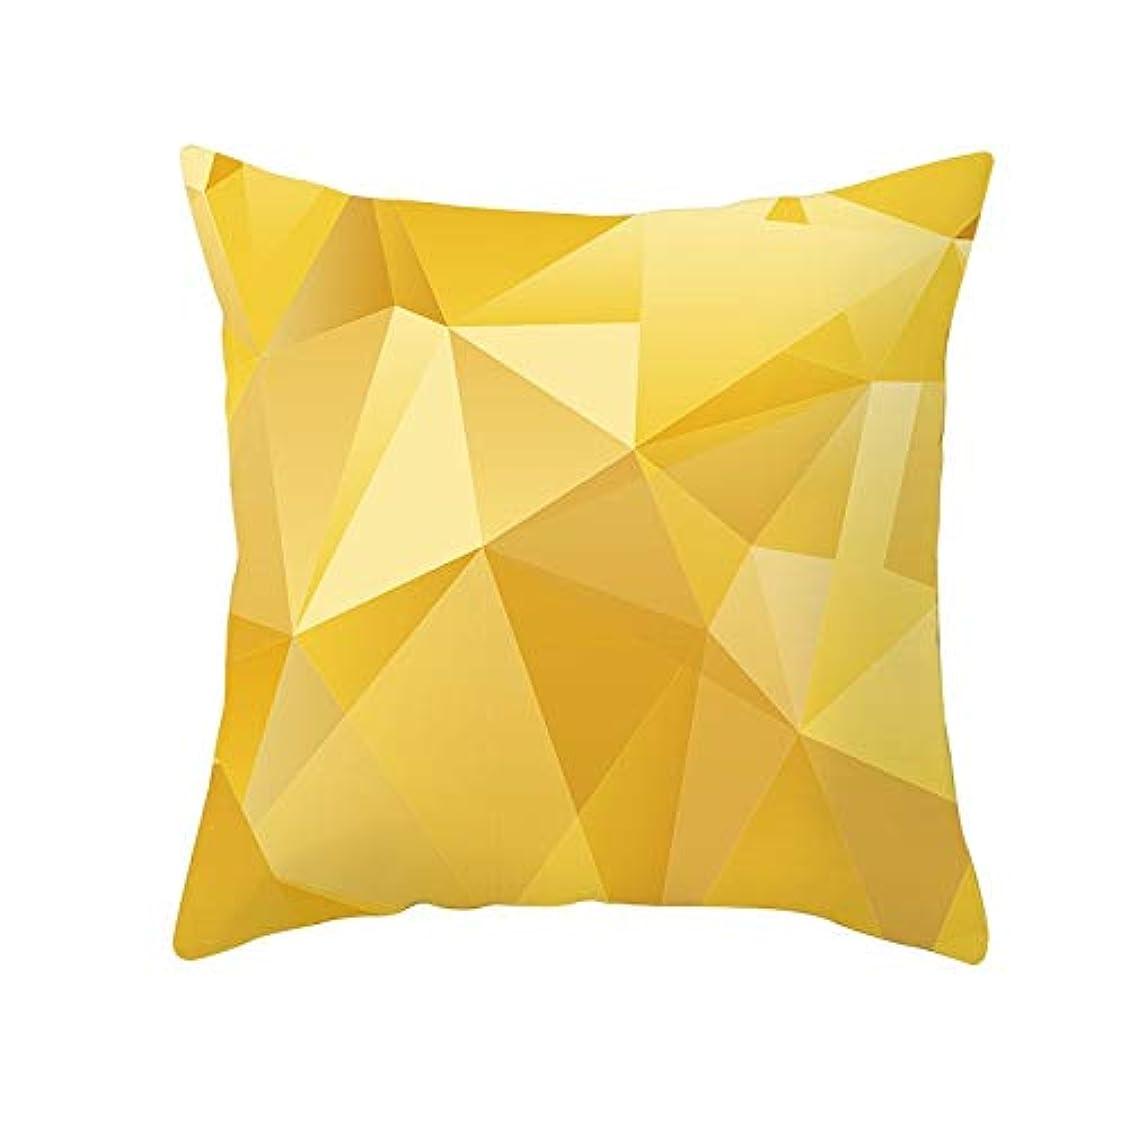 パステル未満聡明LIFE 装飾クッションソファ 幾何学プリントポリエステル正方形の枕ソファスロークッション家の装飾 coussin デ長椅子 クッション 椅子